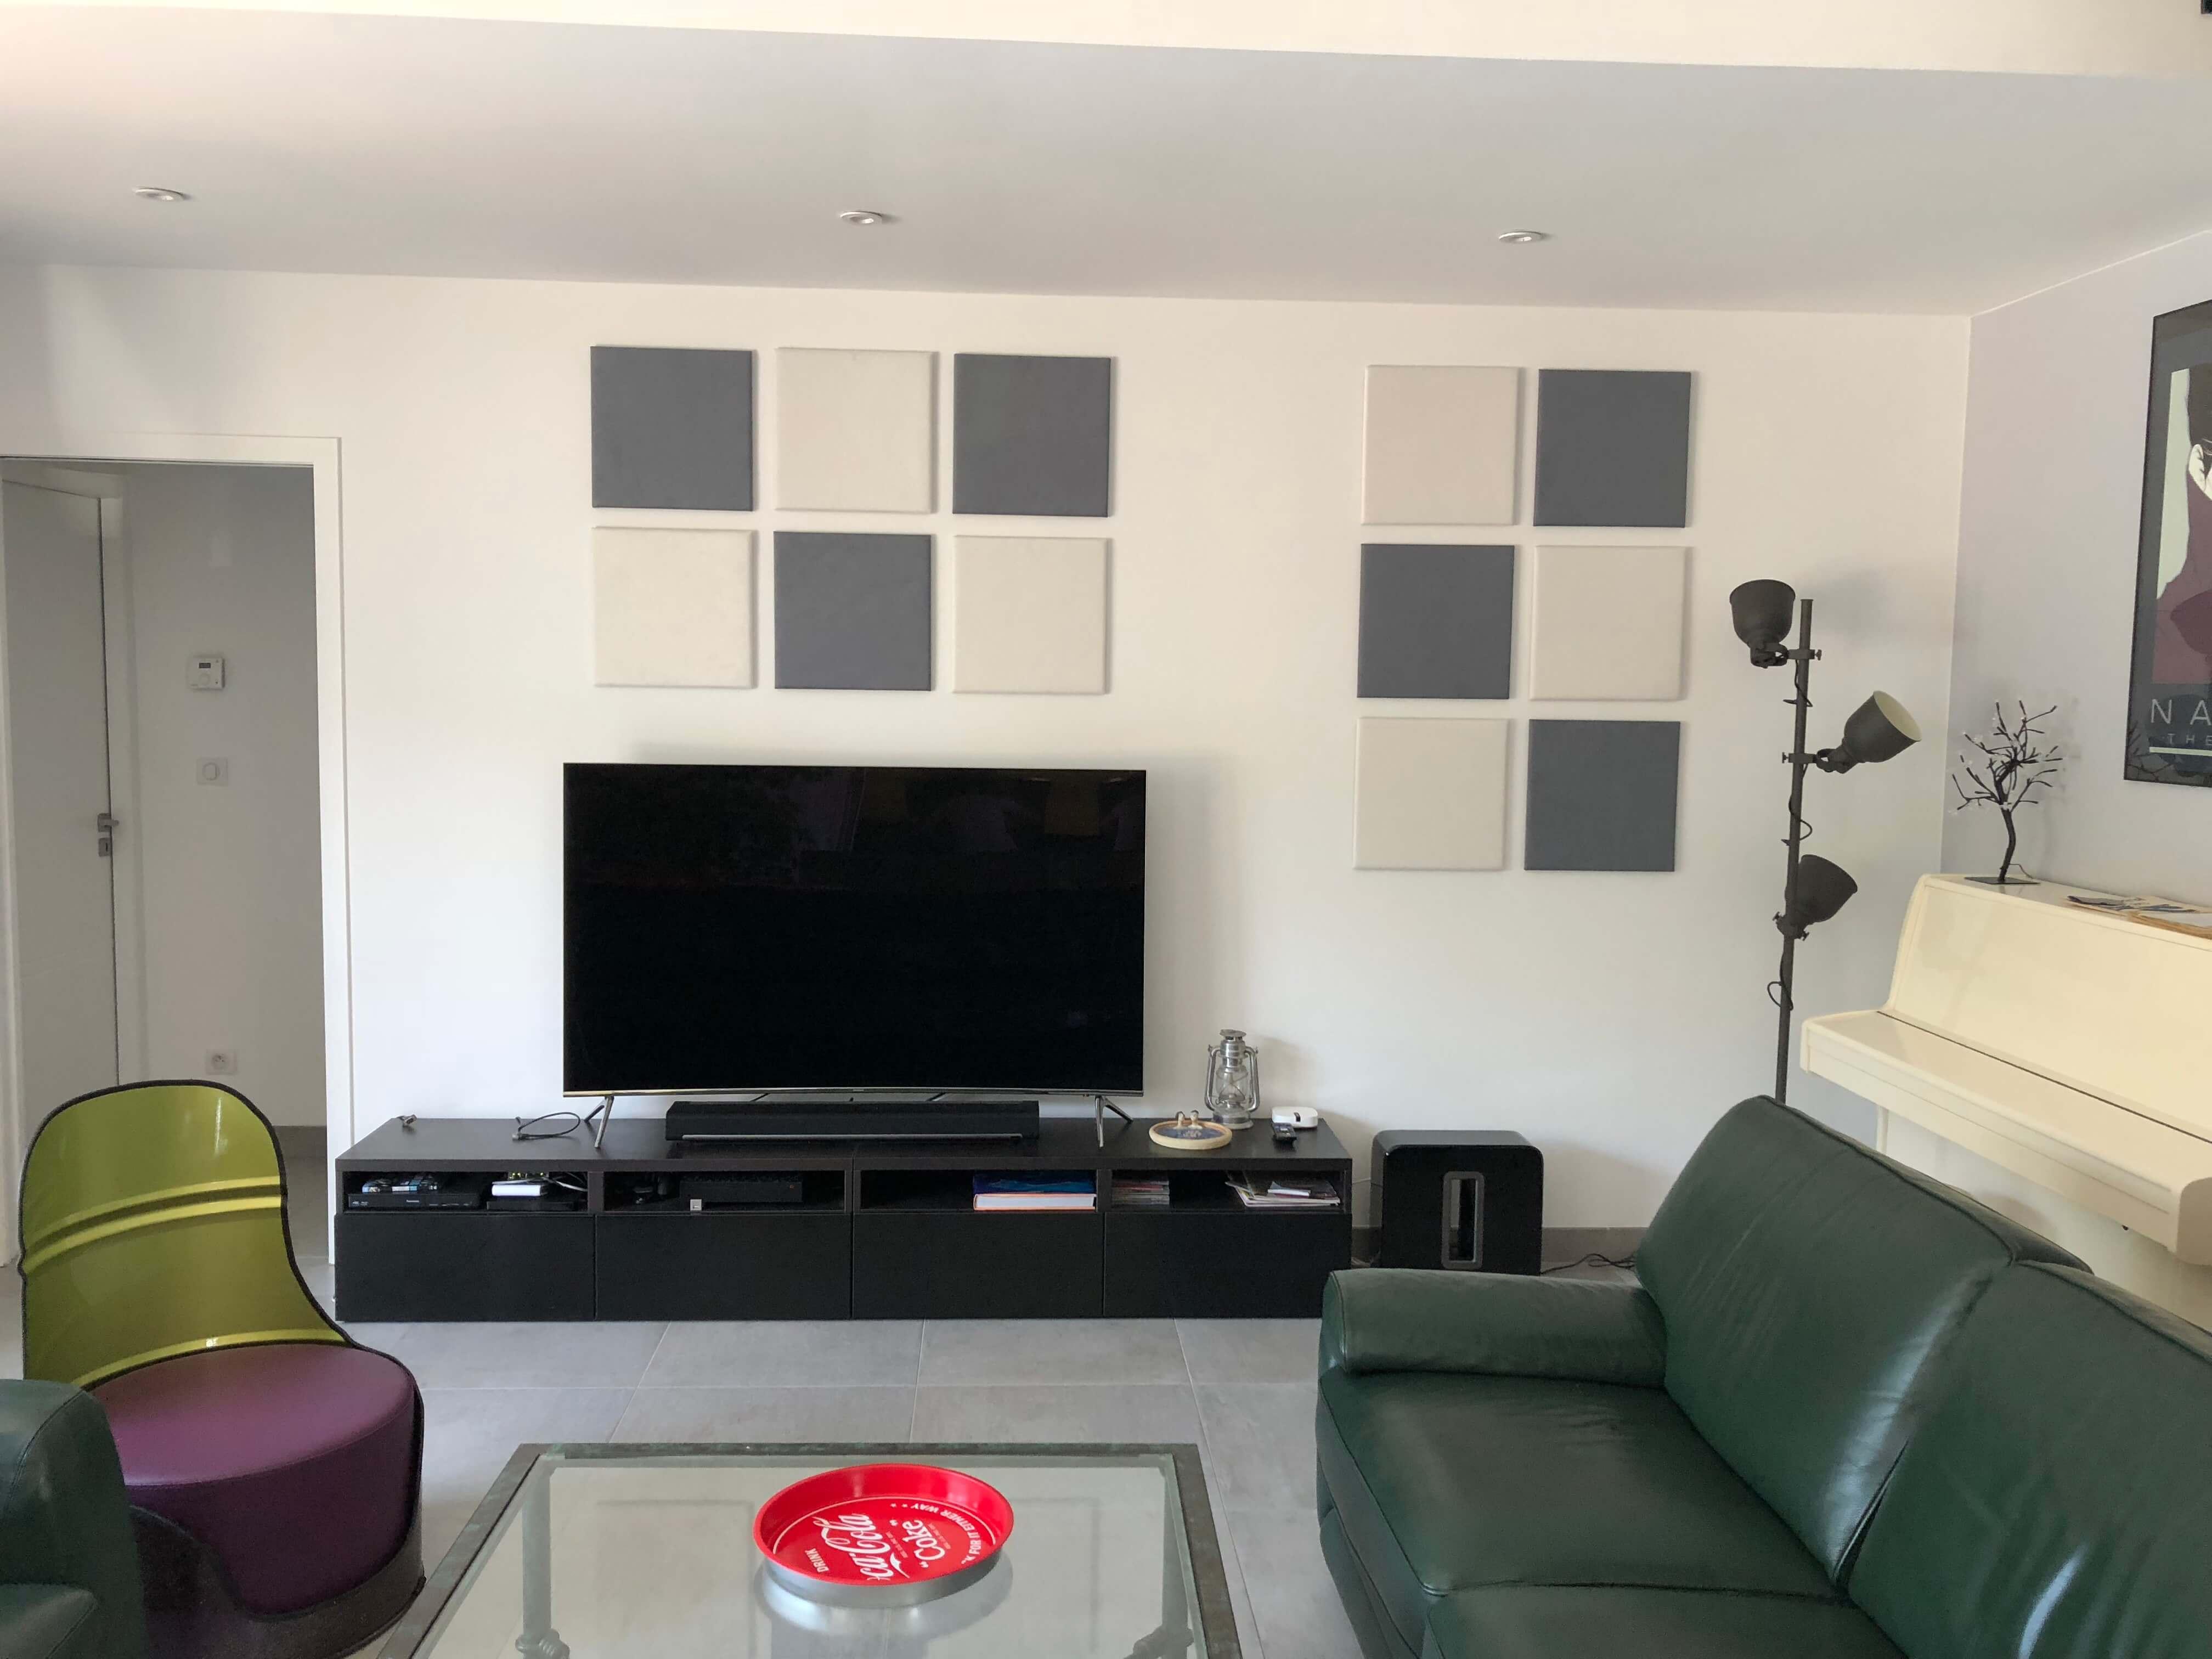 Comment Isoler Un Plafond Contre Le Bruit réduire le bruit d'une maison ou d'une pièce - pyt audio